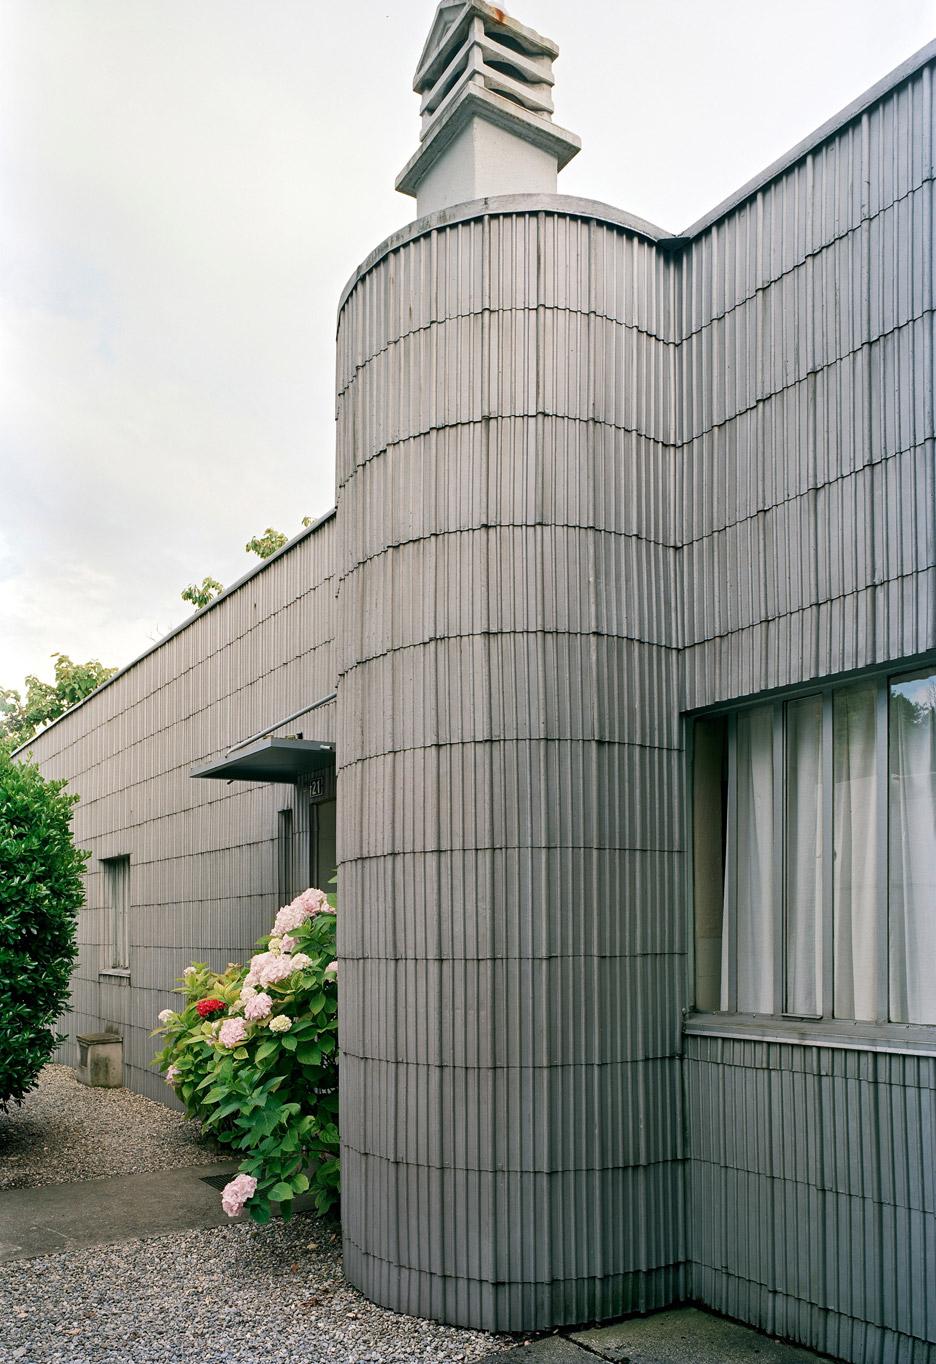 villa-le-lac-le-corbusier-corseaux-switzerland-unesco-world-heritage_dezeen_936_1.jpg